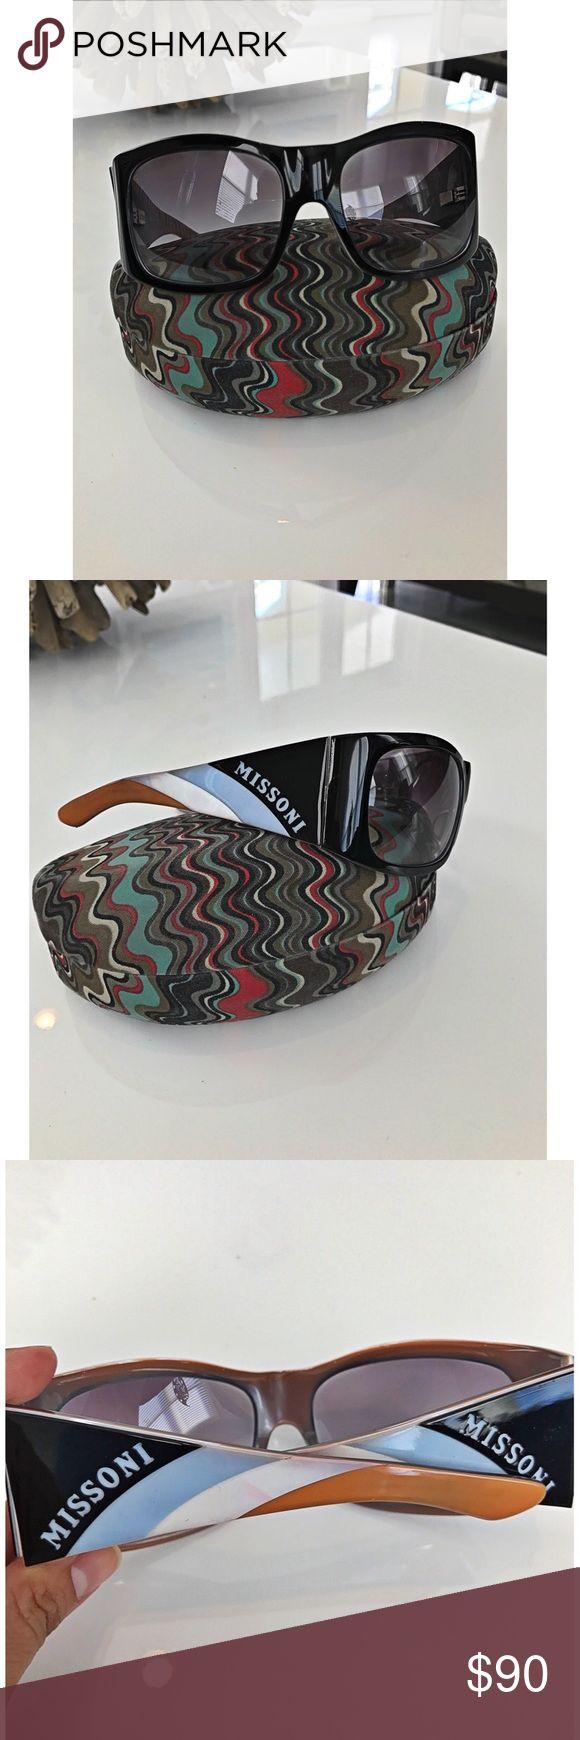 Missoni sunglasses Used. Includes original case. Missoni Accessories Sunglasses